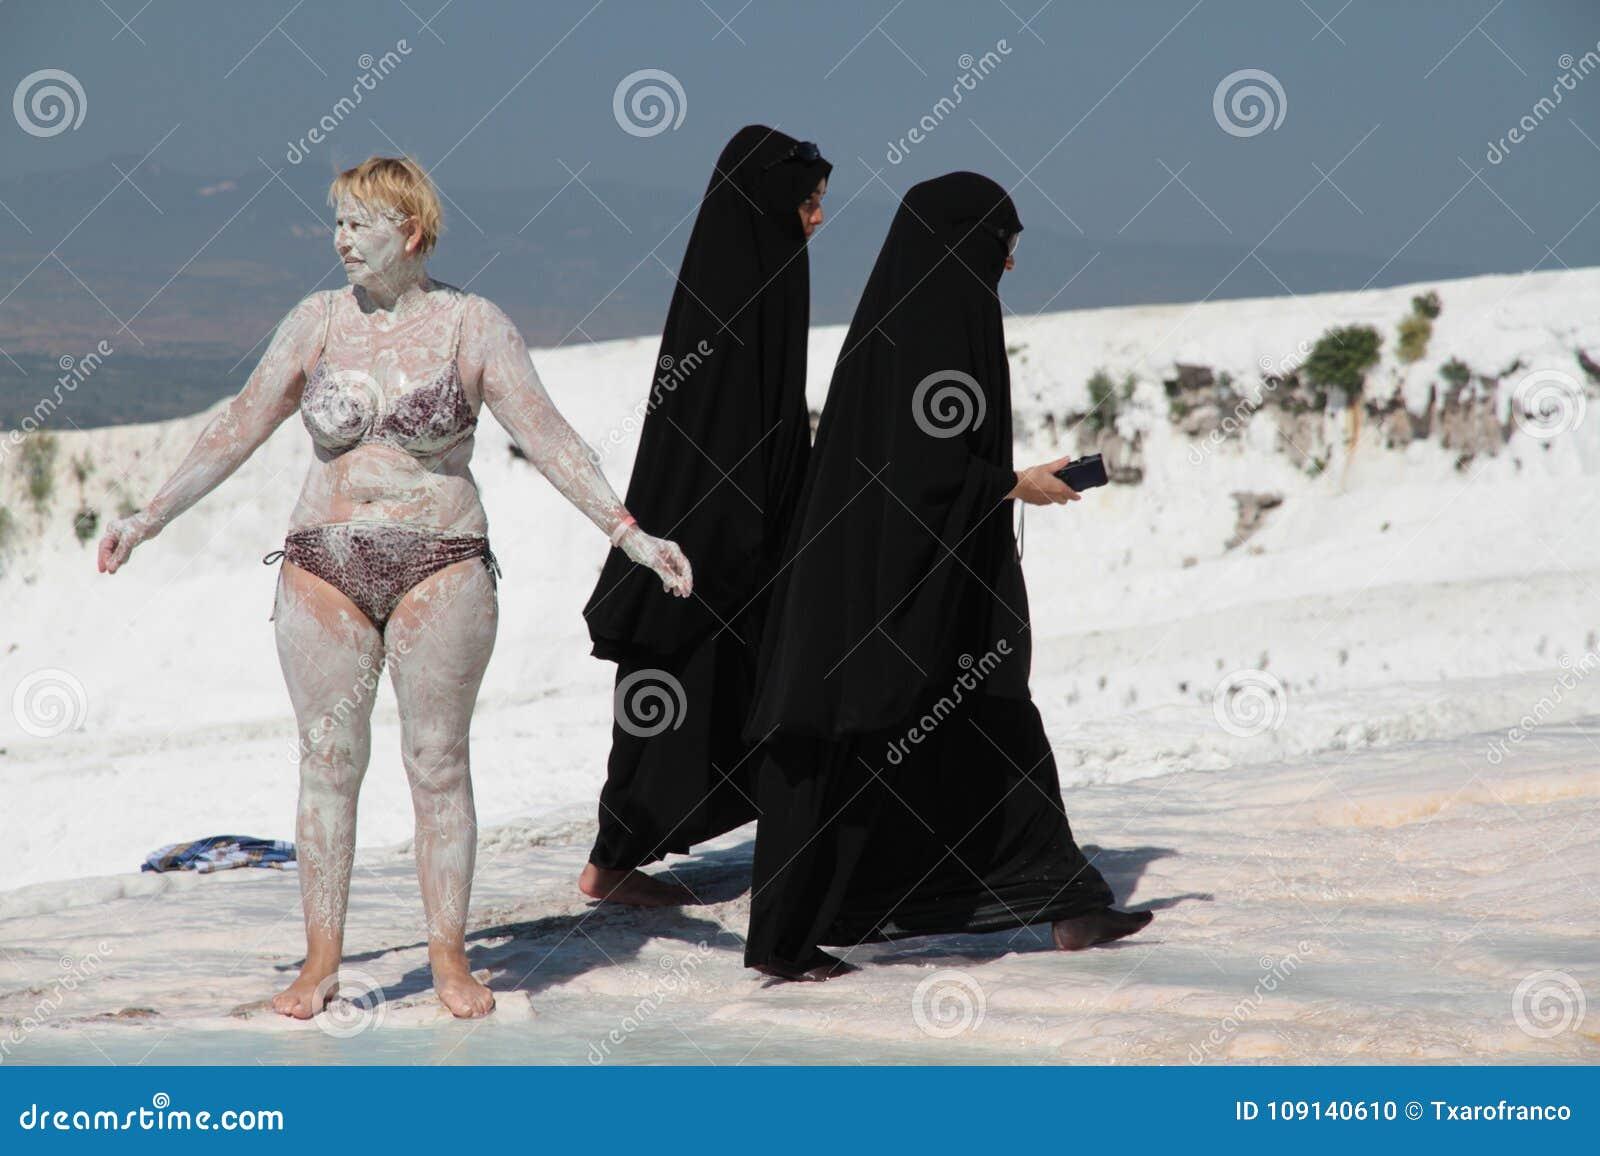 Retrato blanco y negro: mujeres de diversas culturas